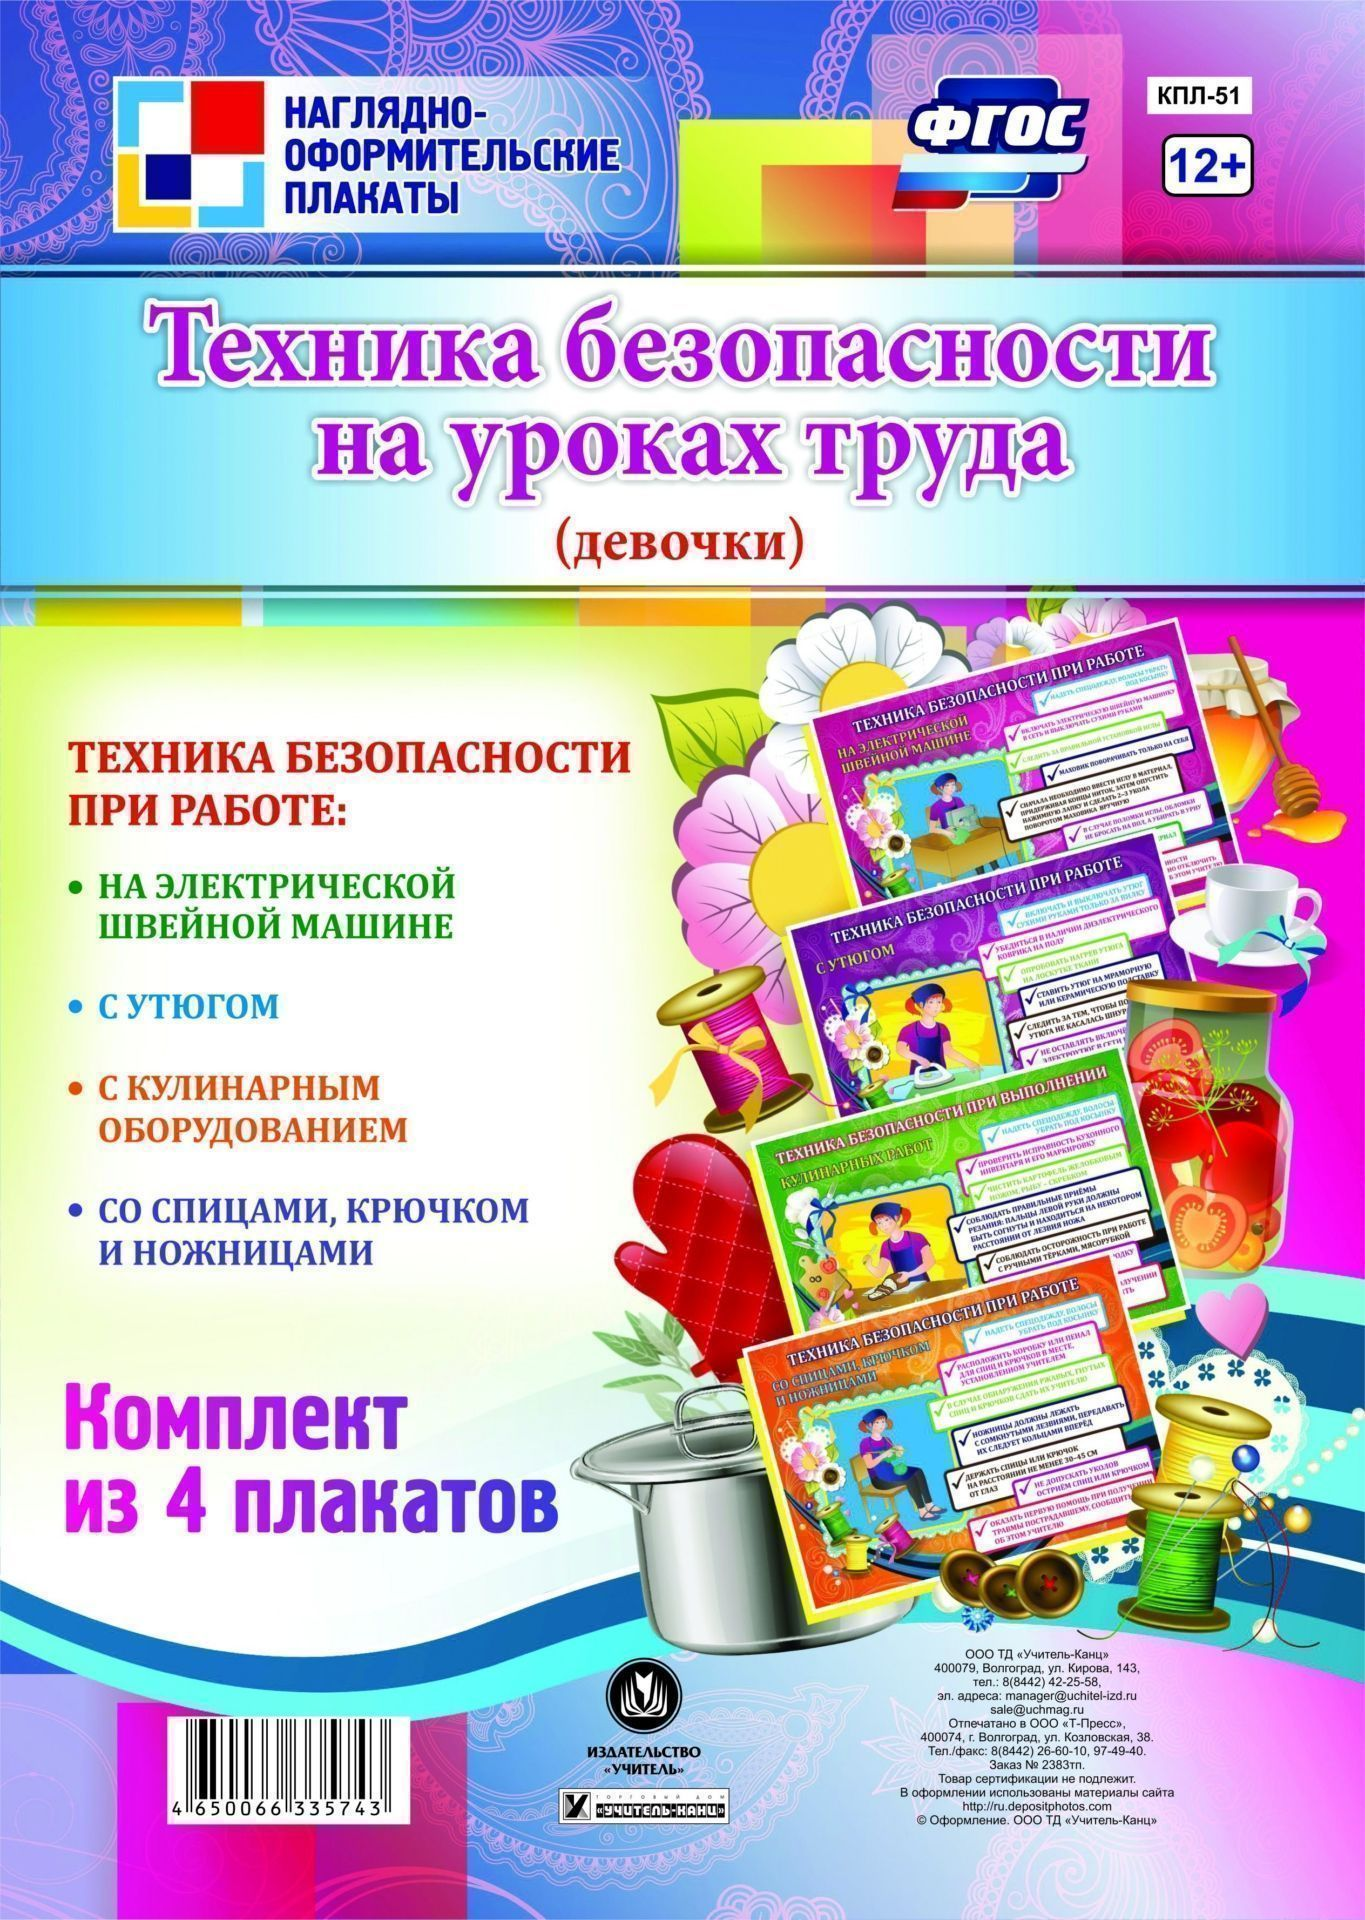 Комплект плакатов Техника безопасности на уроках труда  (девочки): 4 плакатаТематические плакаты<br>.<br><br>Год: 2017<br>Серия: Наглядно-оформительские плакаты<br>Высота: 297<br>Ширина: 420